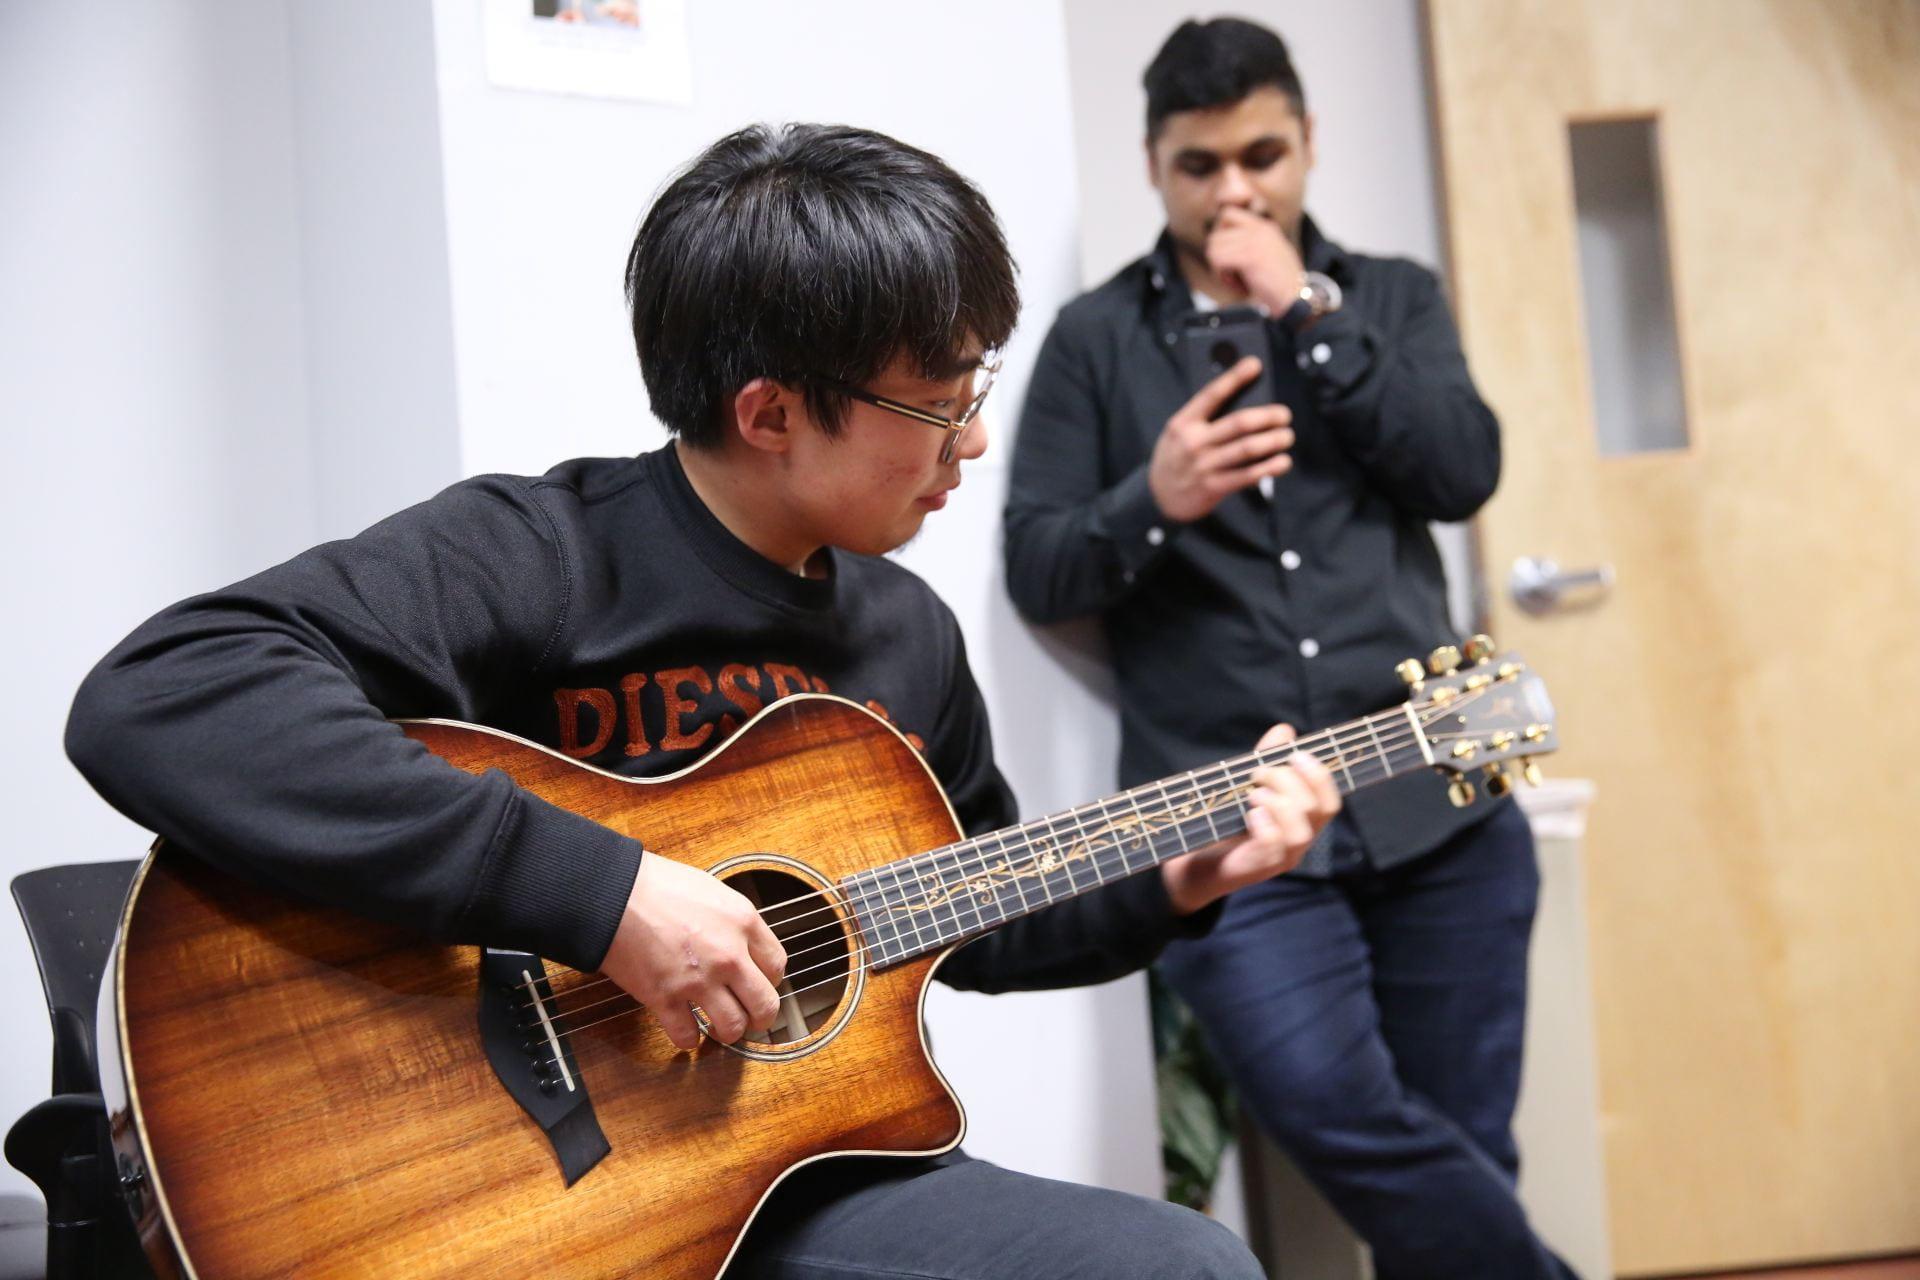 An ELI student plays guitar